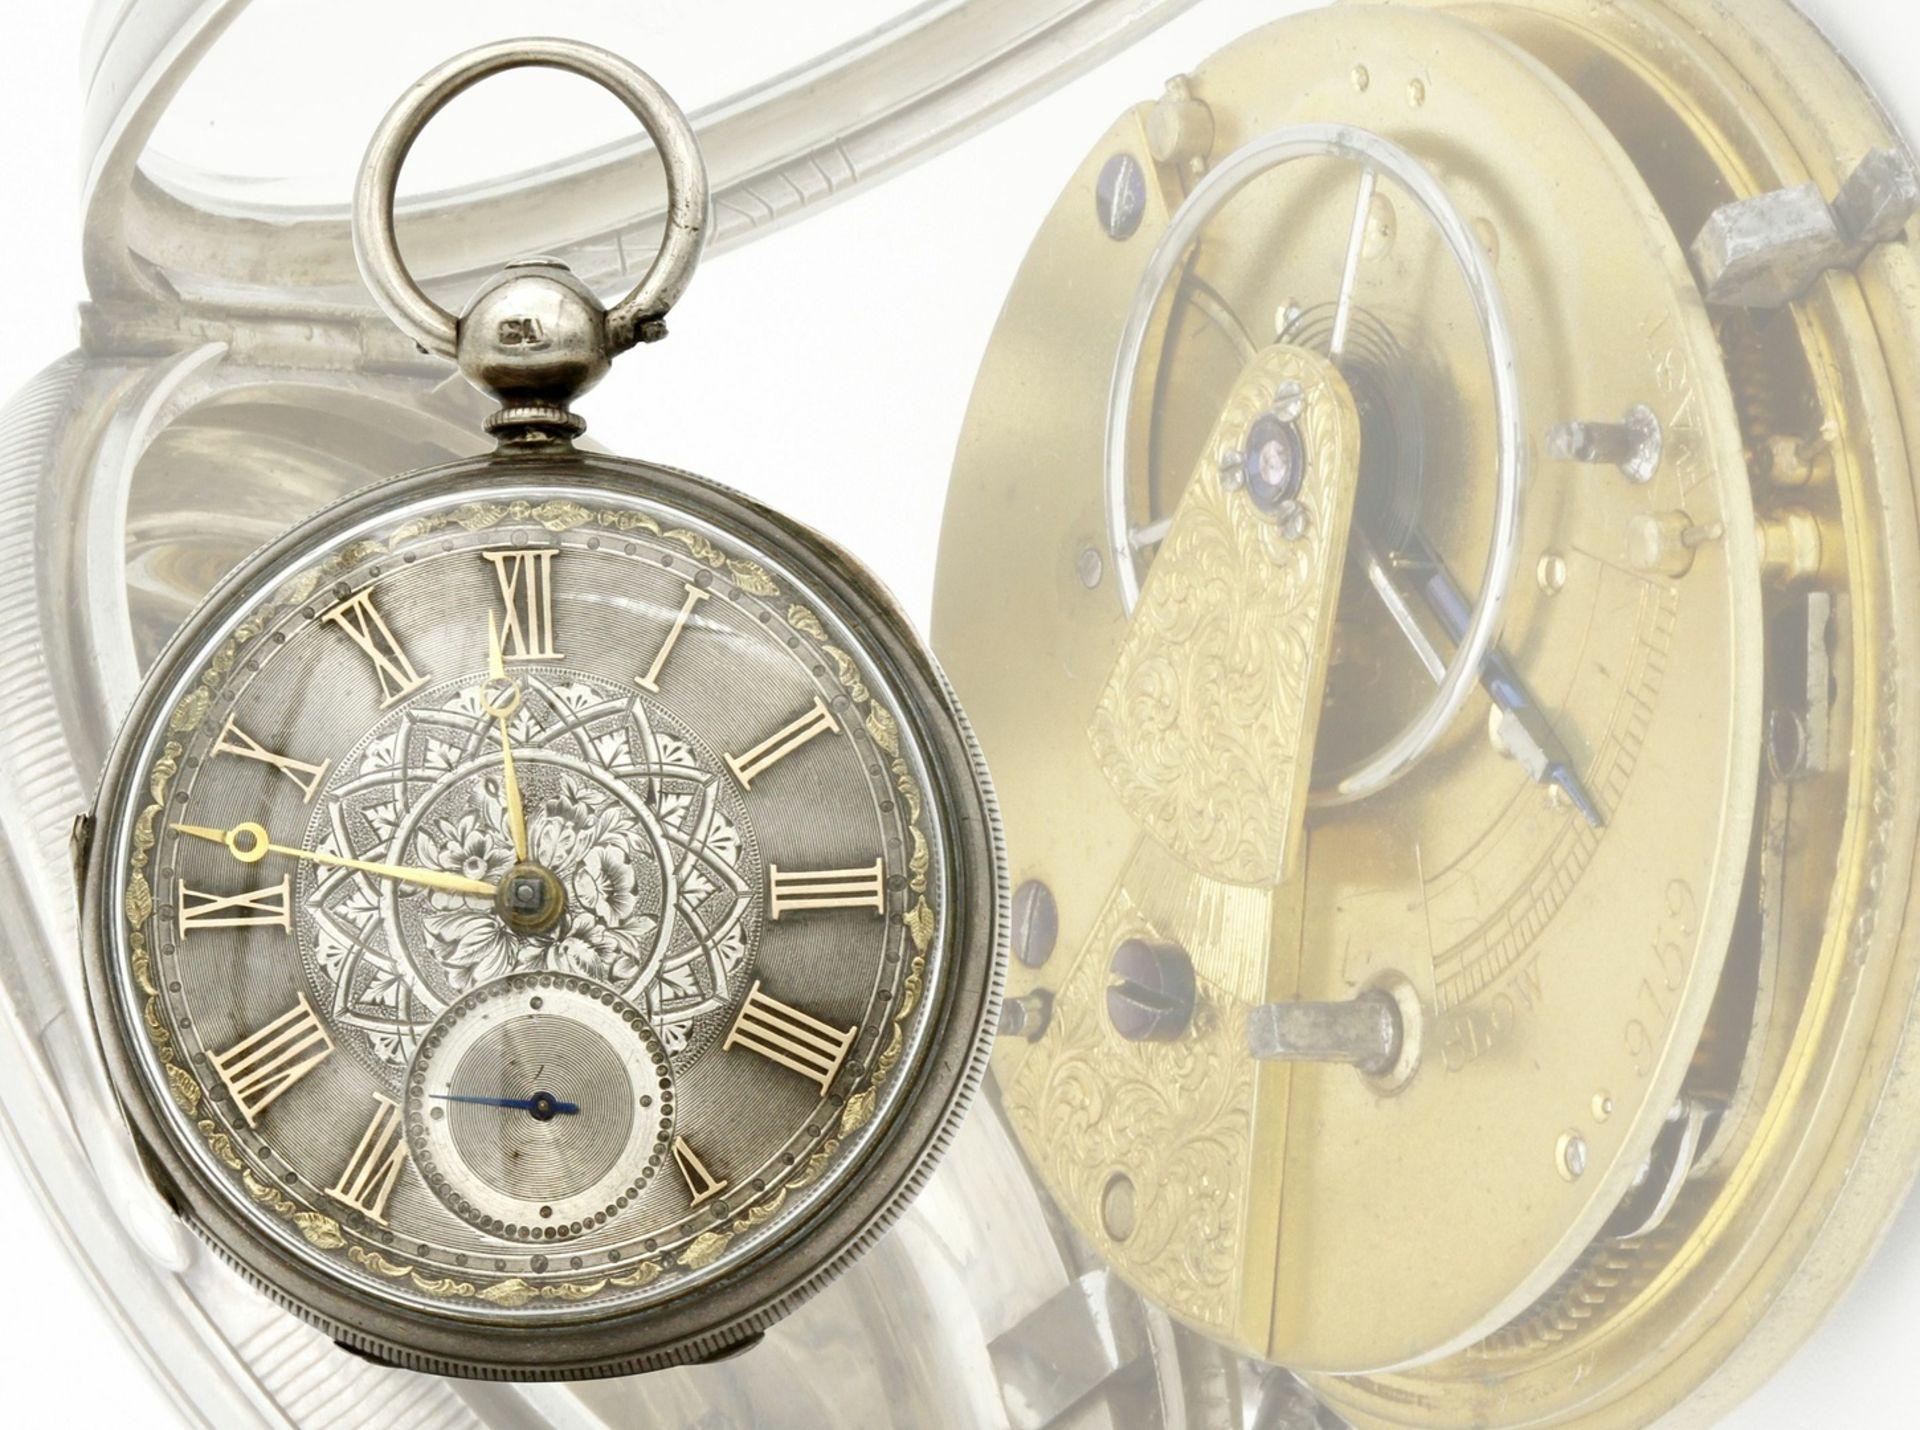 Aufwendig verzierte englische Silbertaschenuhr, um 1870